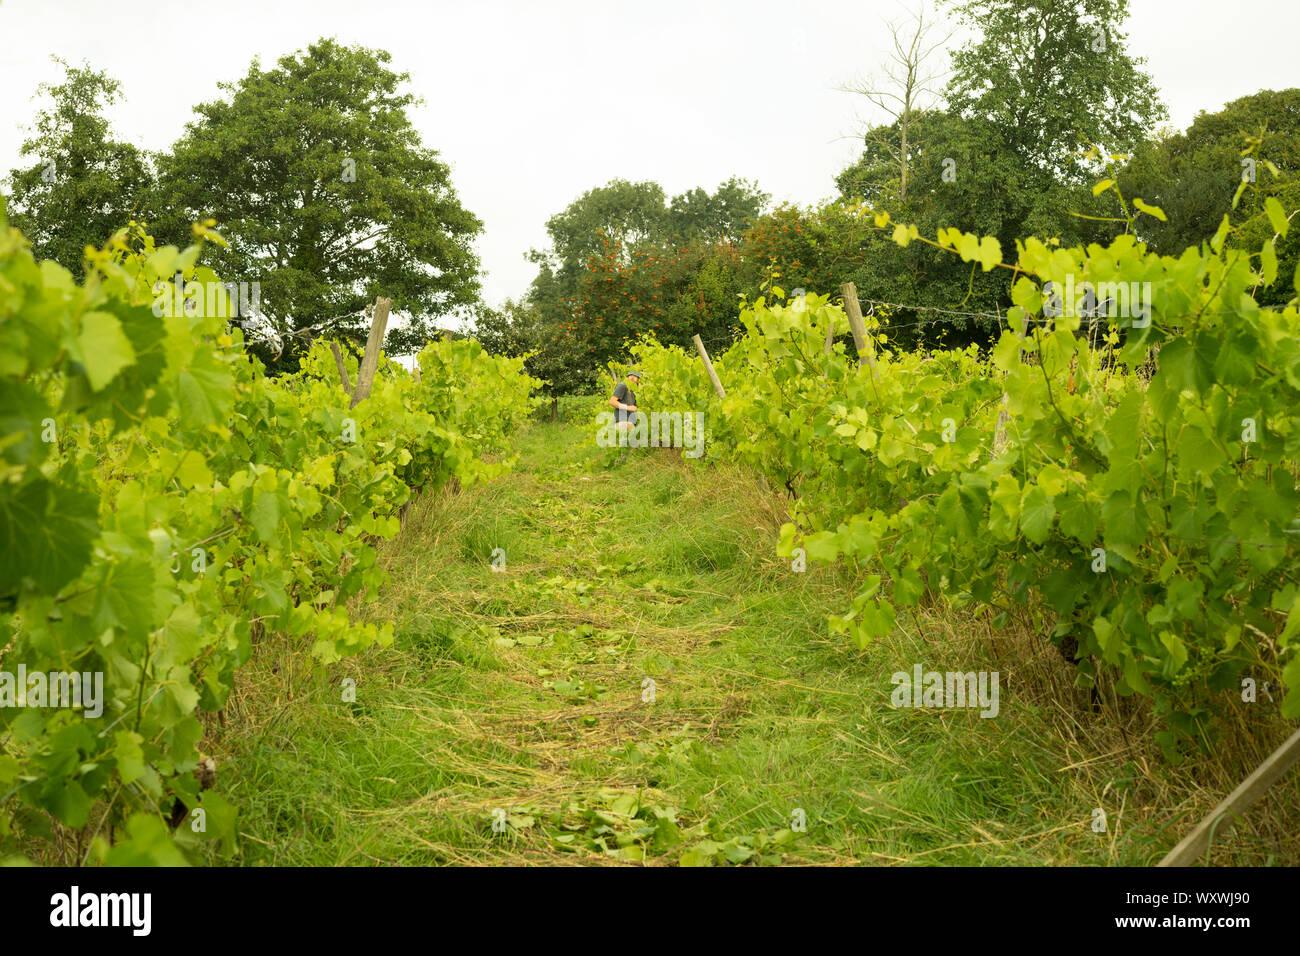 Grape Vines England Stock Photos Grape Vines England Stock